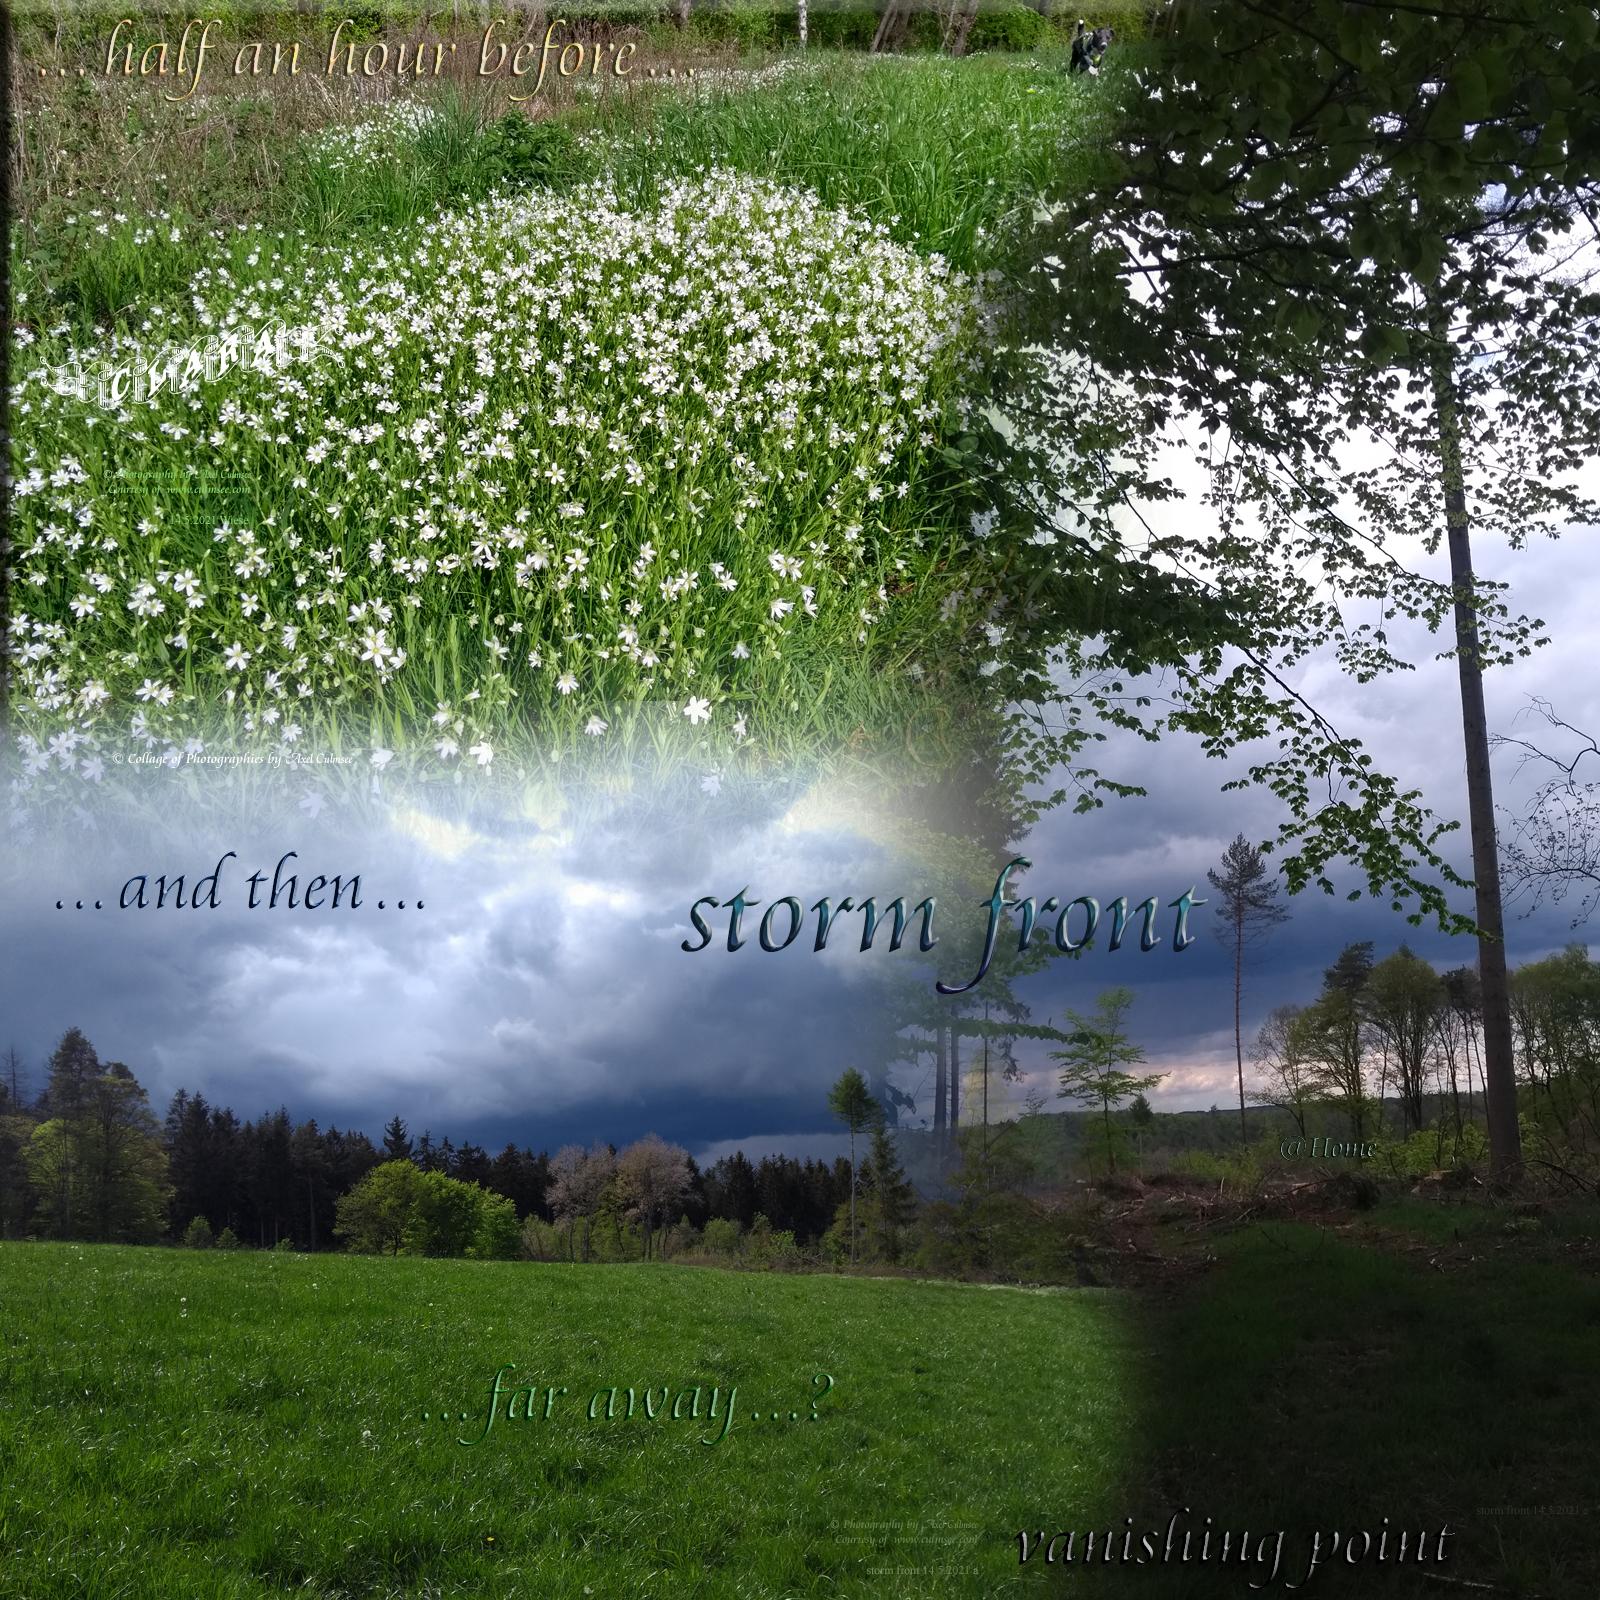 halbe Stunde vorher - und dann - weit weg - Sturmfront - Fluchtpunkt - home